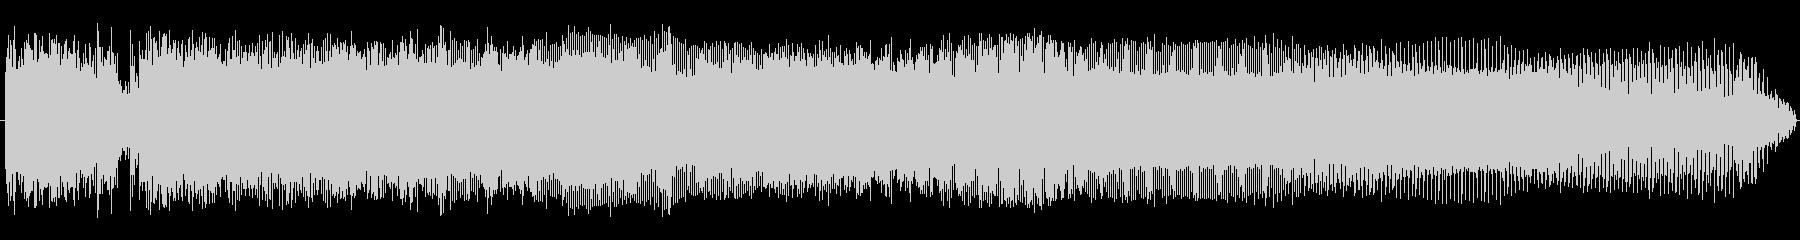 コックロックの未再生の波形